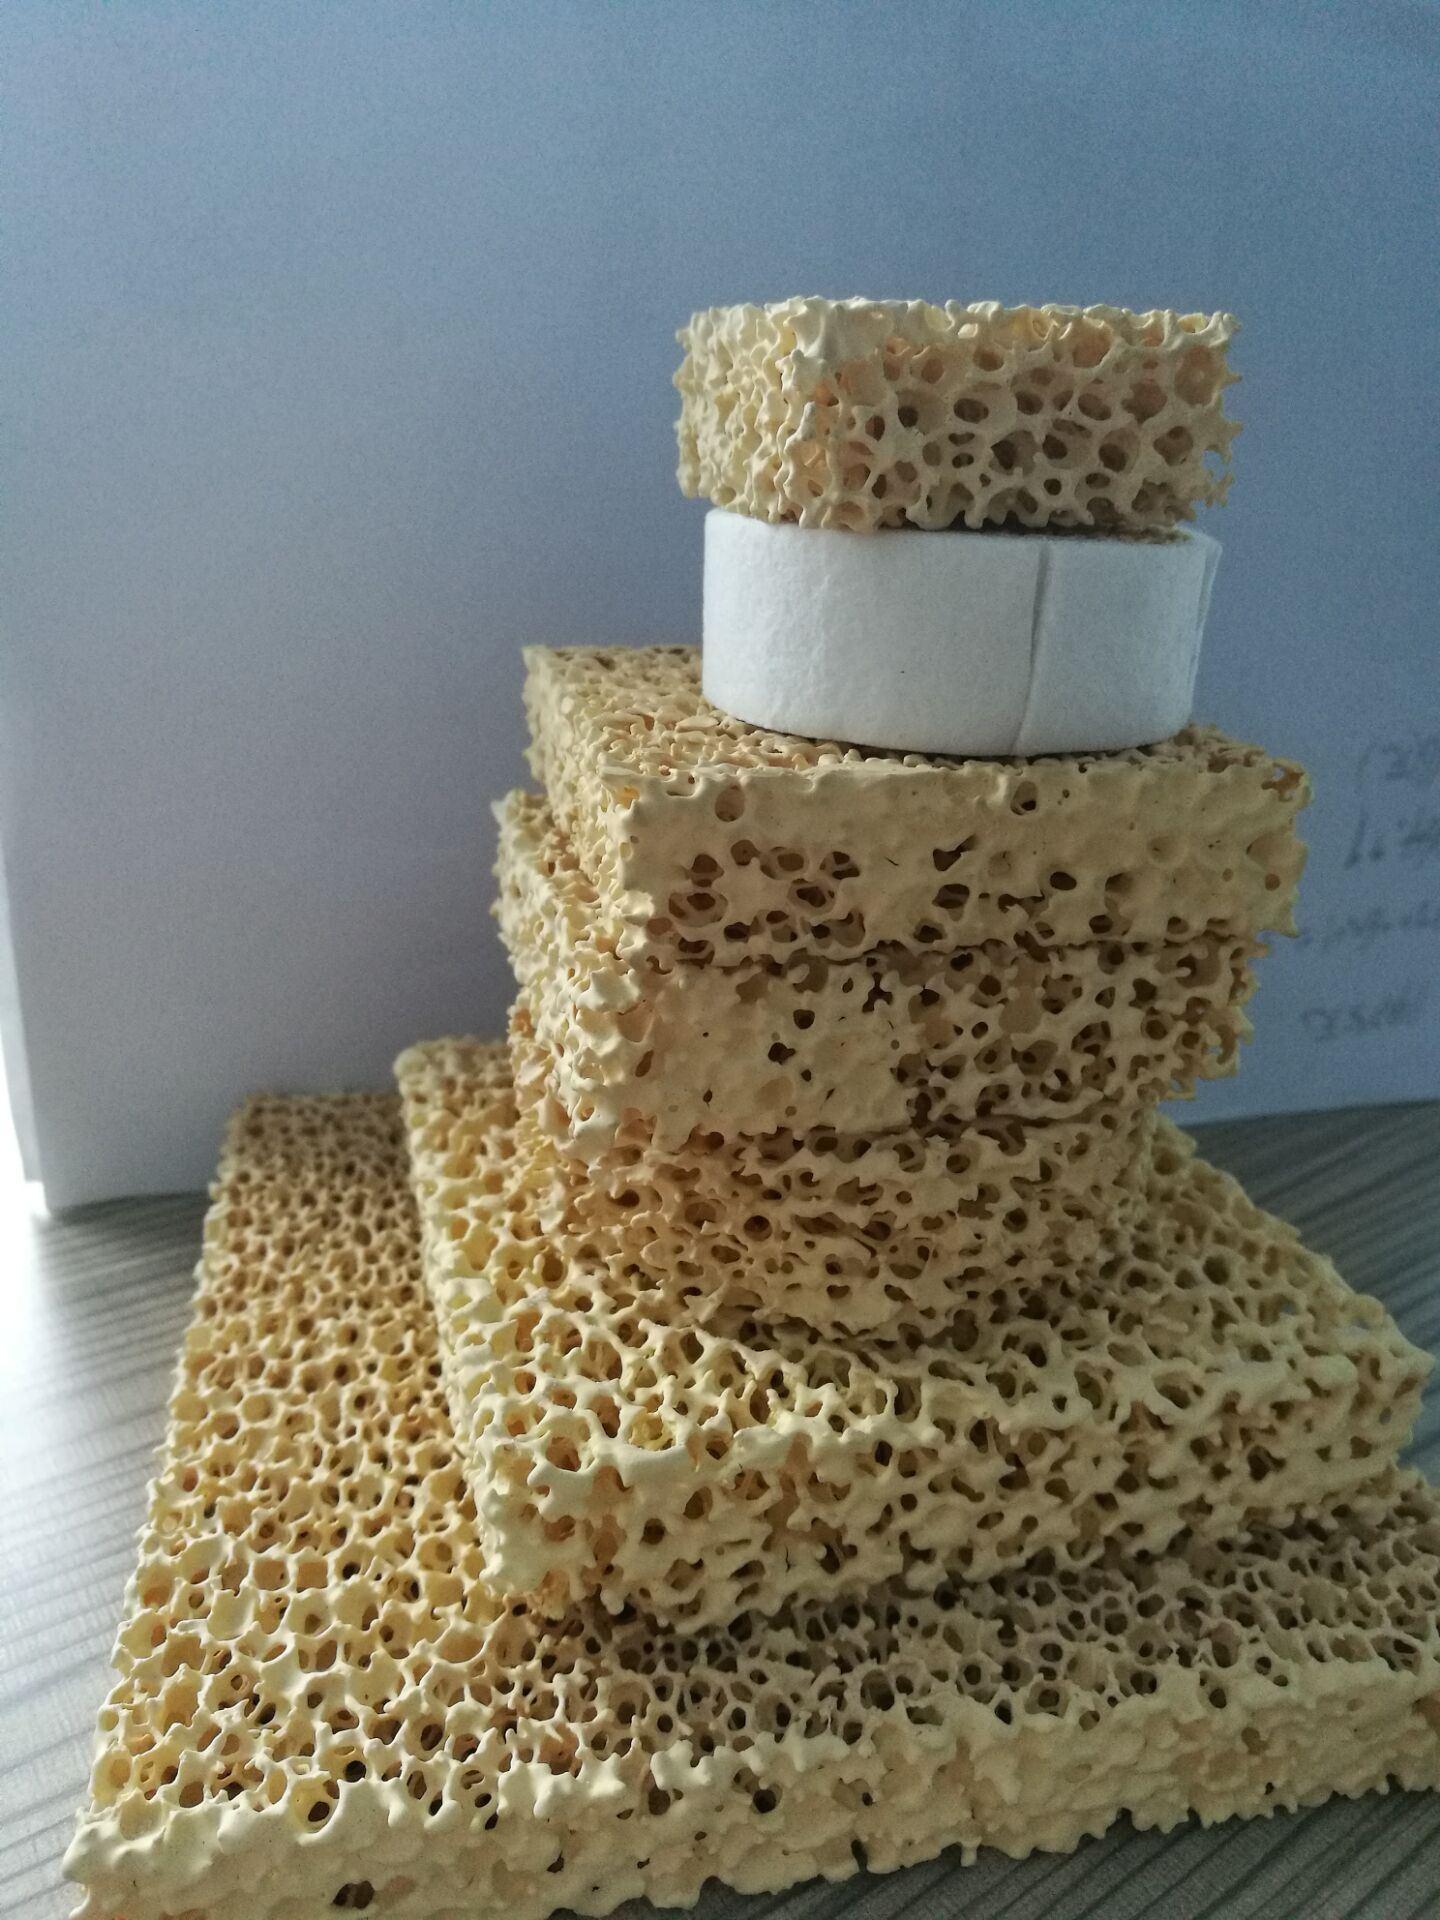 Sic/Alumina/Zirconia Porous Ceramic Foam Filters for Iron Casting